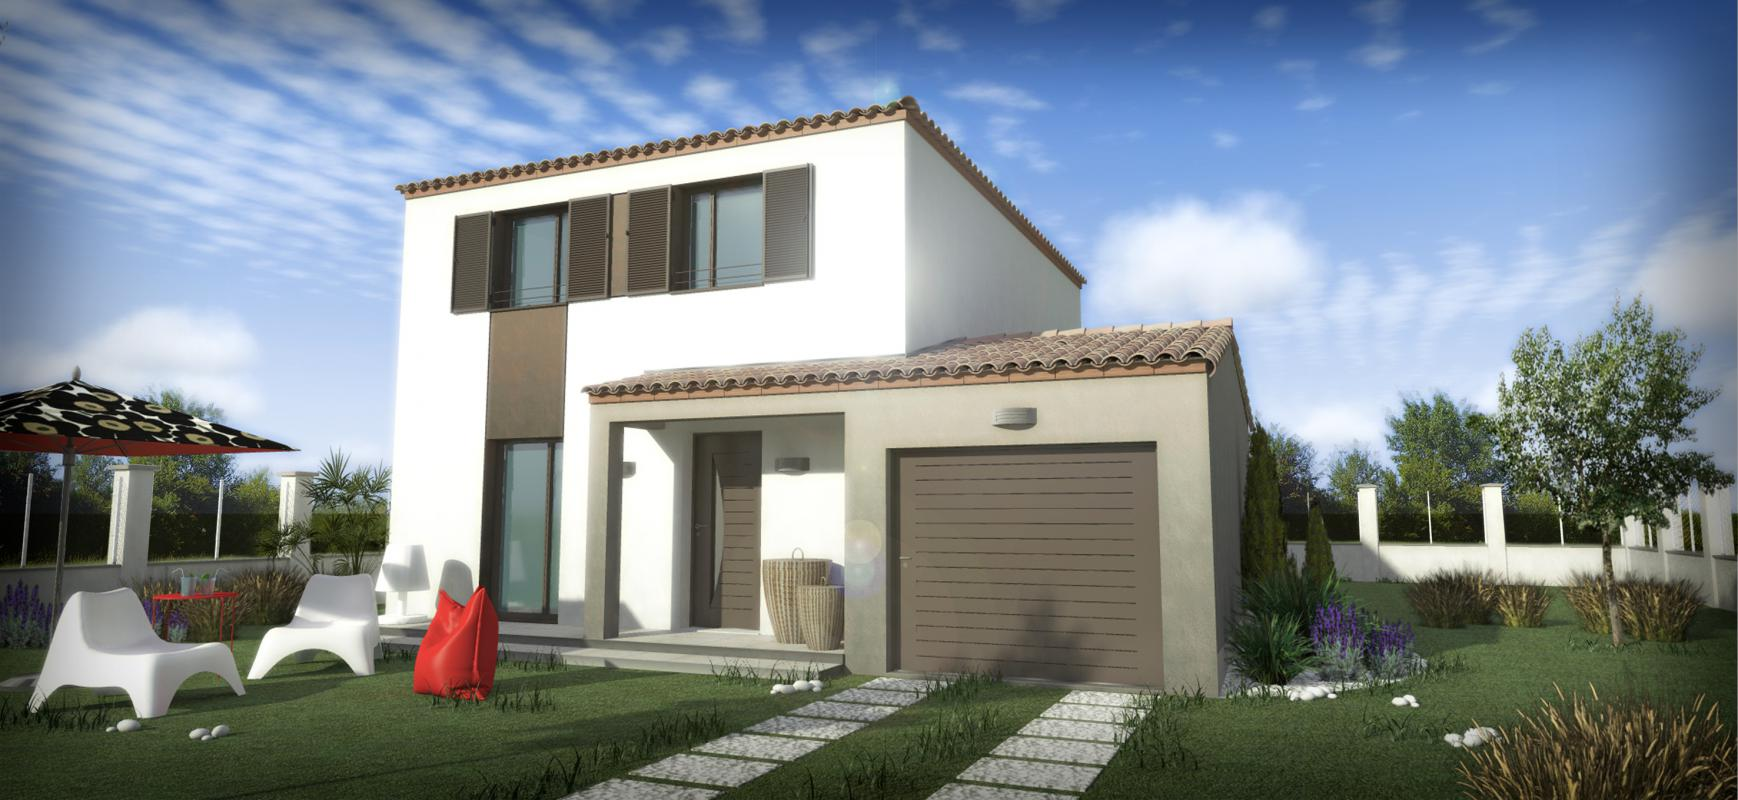 Maisons + Terrains du constructeur SM 11 • 80 m² • SAINT THIBERY